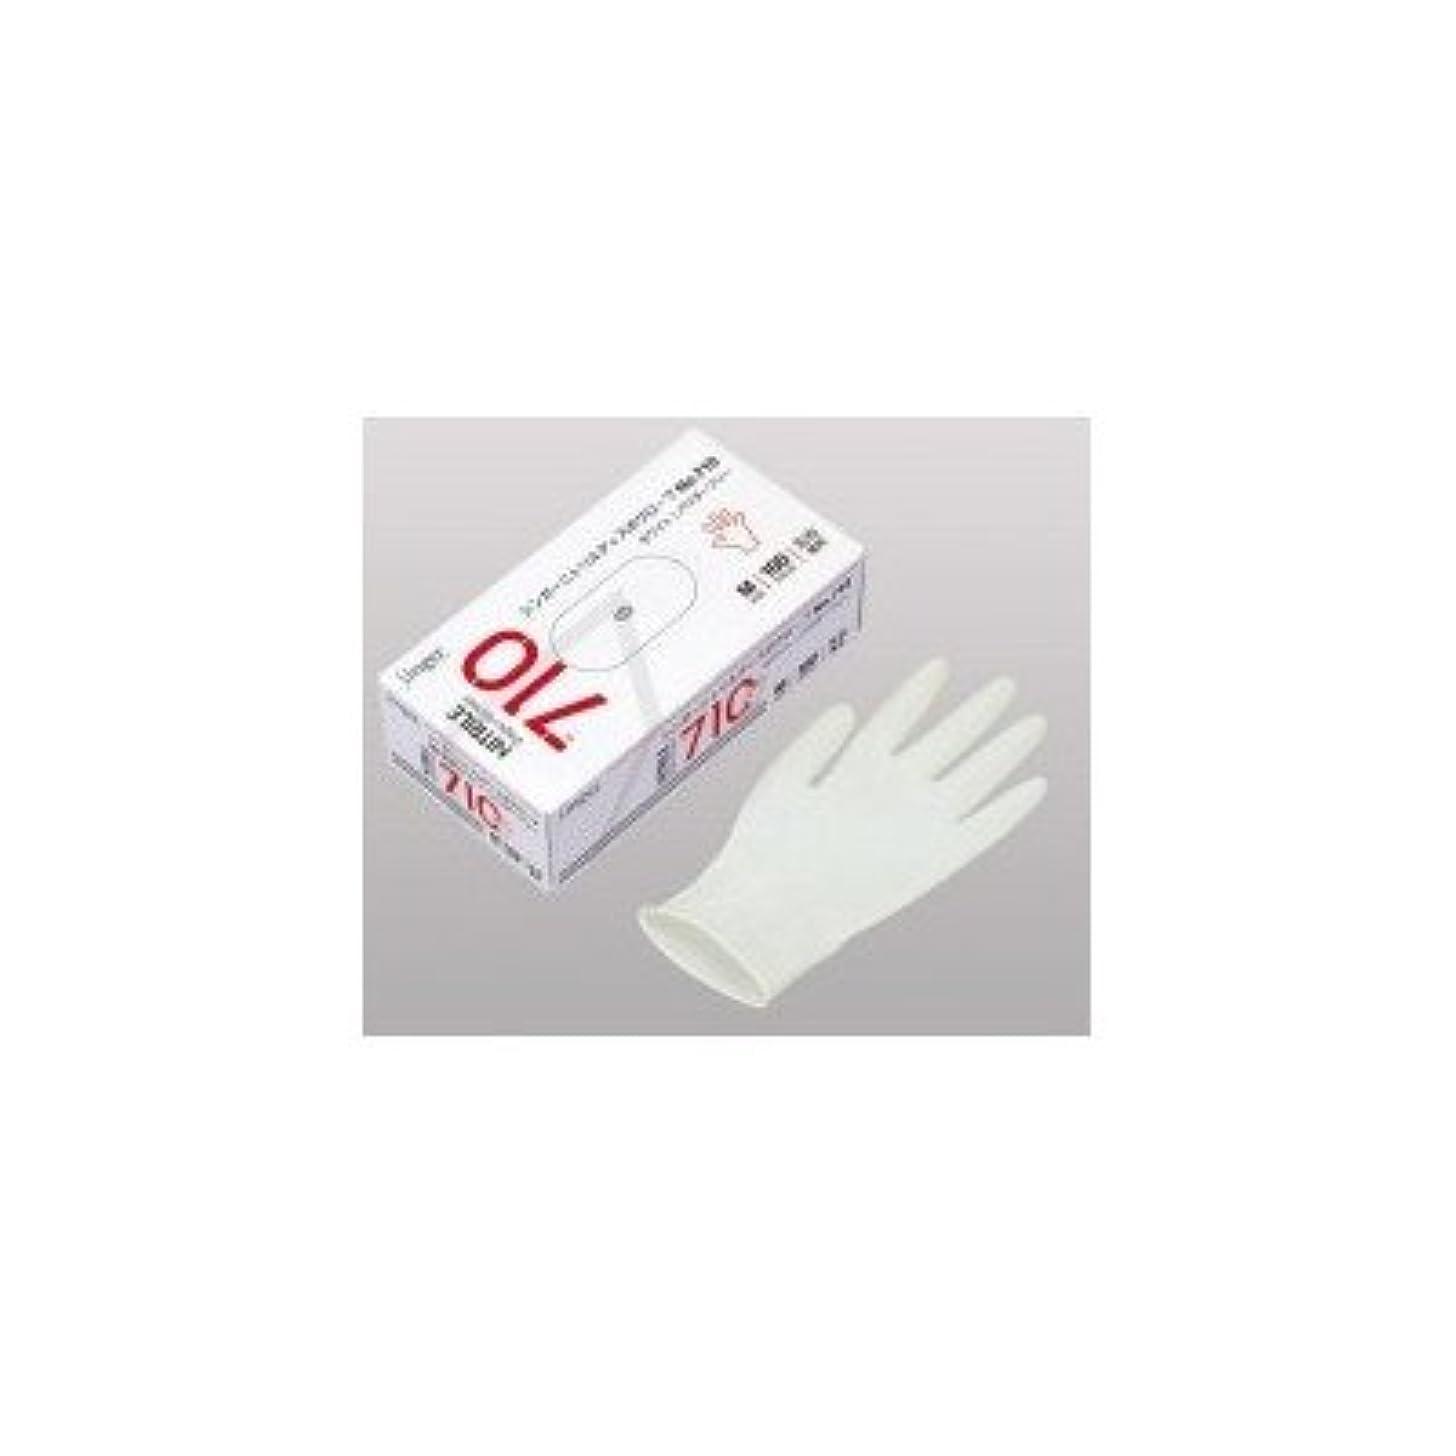 失業測る光のシンガー ニトリルディスポグローブ(手袋) No.710 ホワイト パウダーフリー(100枚) M( 画像はイメージ画像です お届けの商品はMのみとなります)